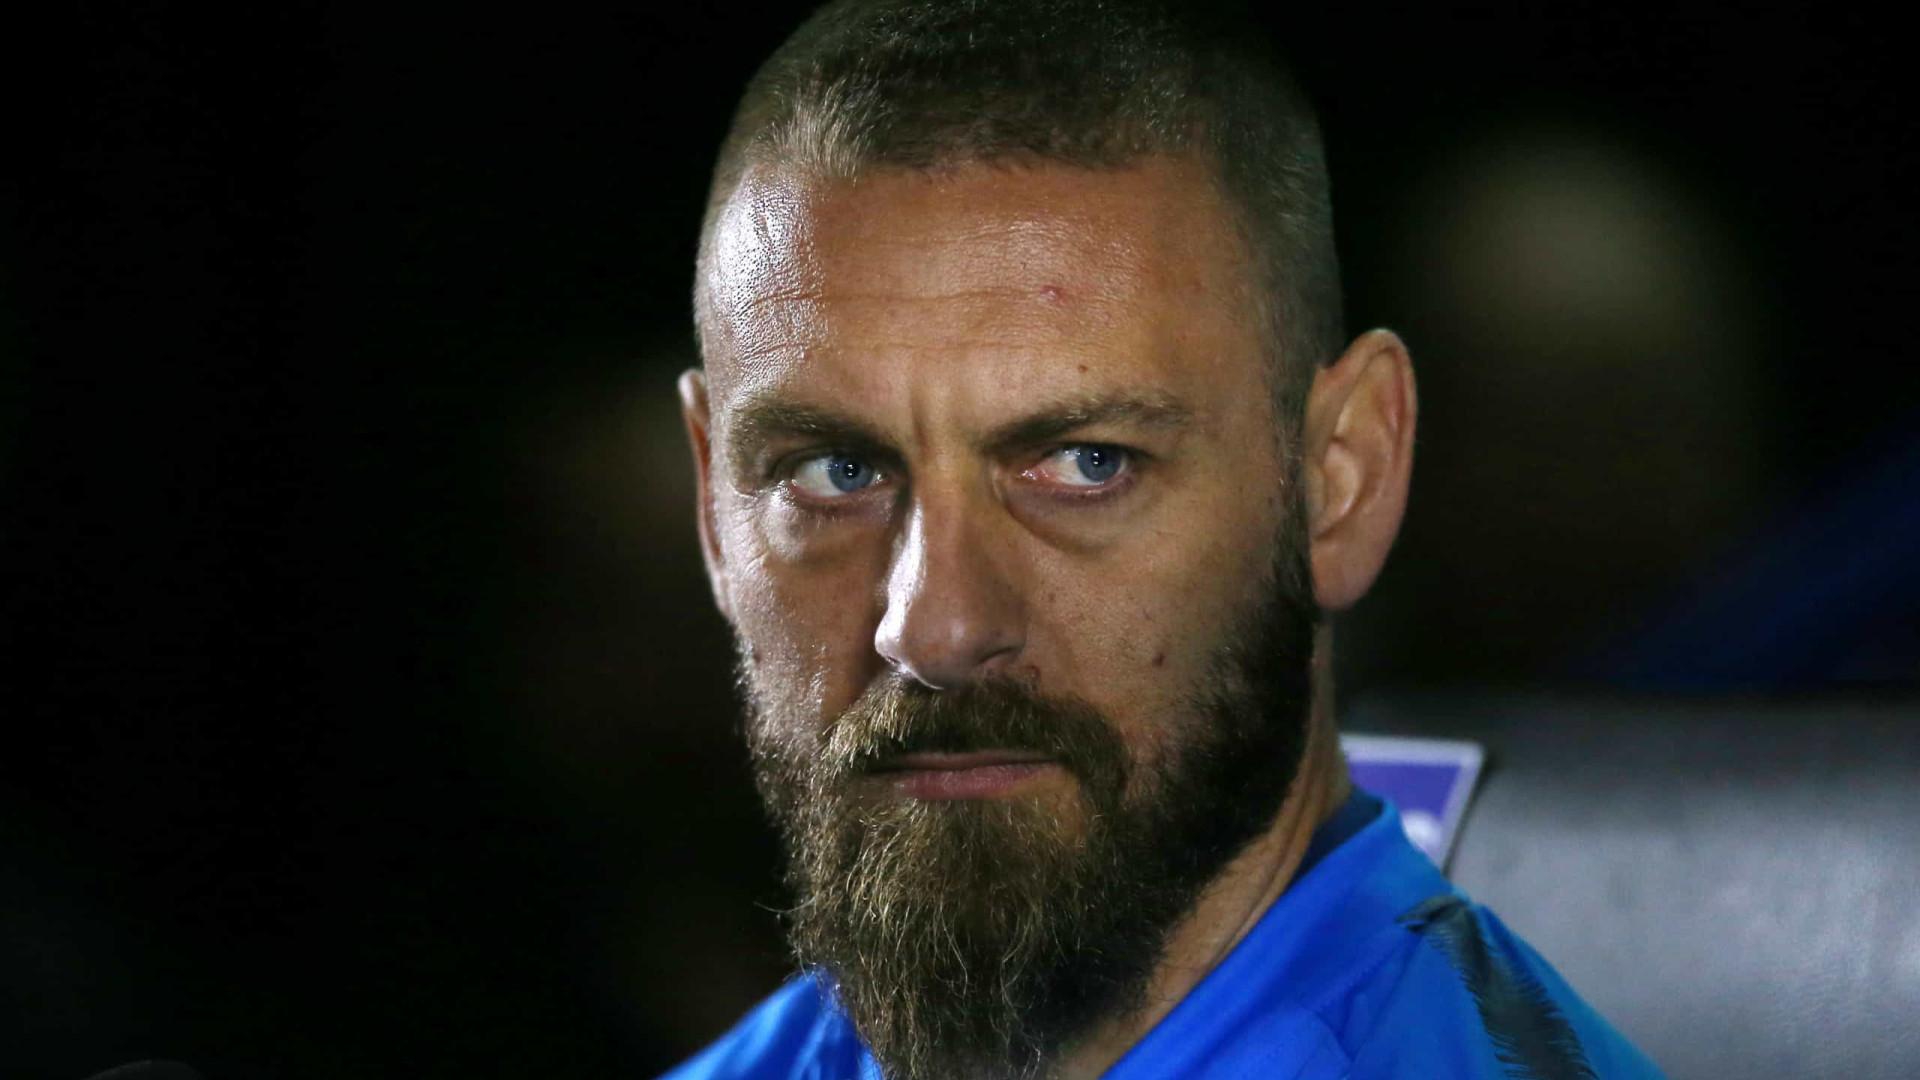 Aos 36 anos, Daniele De Rossi deixa Boca e anuncia a aposentadoria